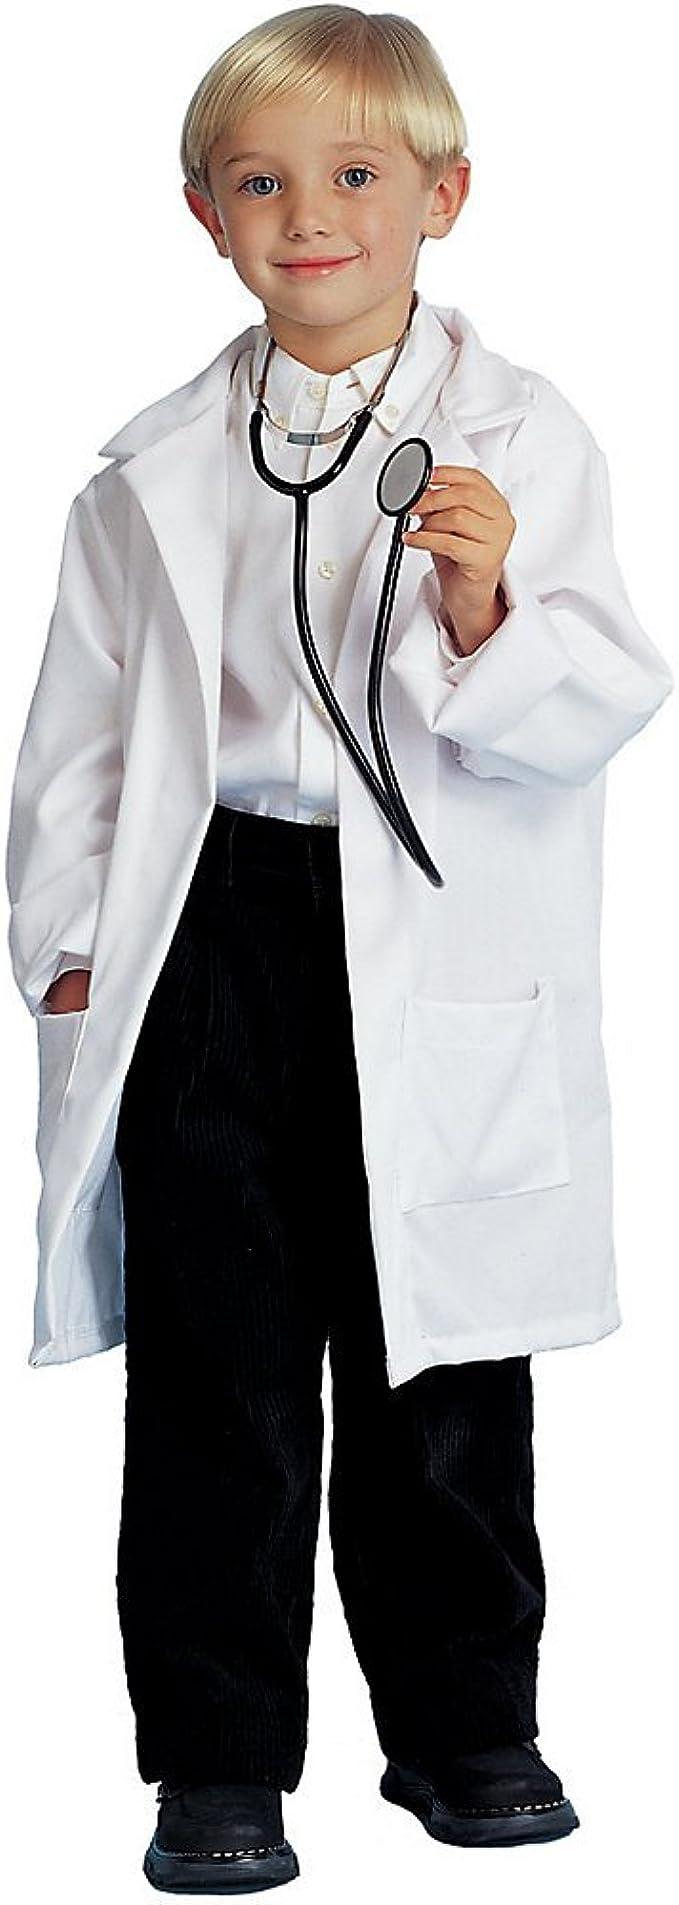 Franco Americana de la novedad 49216-M Disfraz Doctor - Medium ...